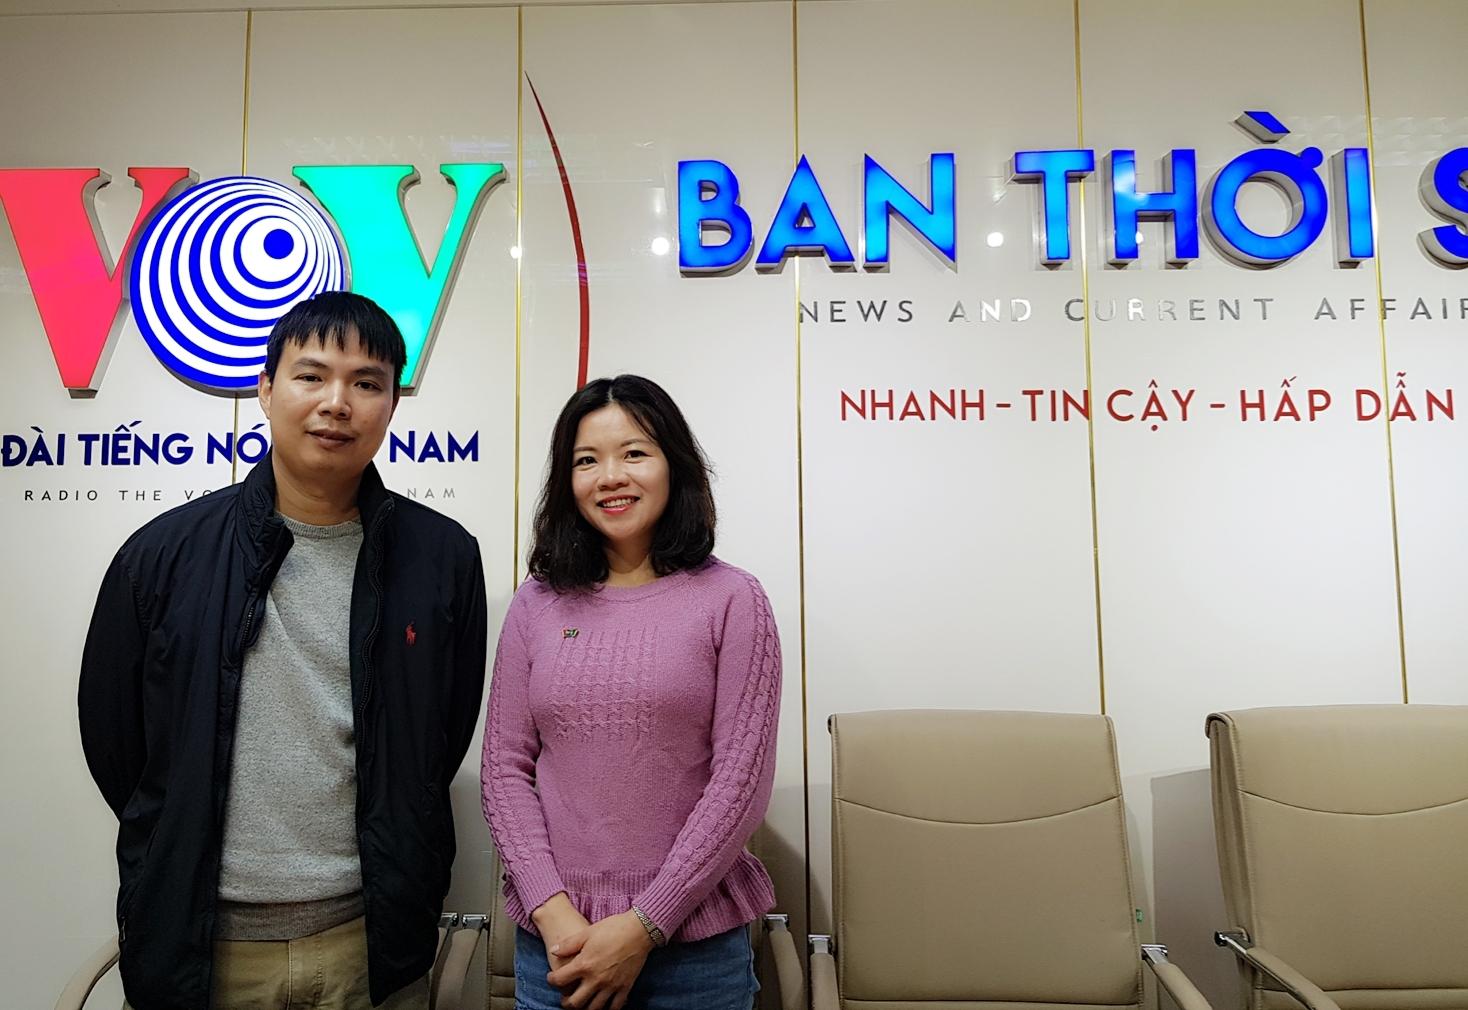 Hiến ghép mô tạng - Hồi sinh sự sống (30/12/2018)